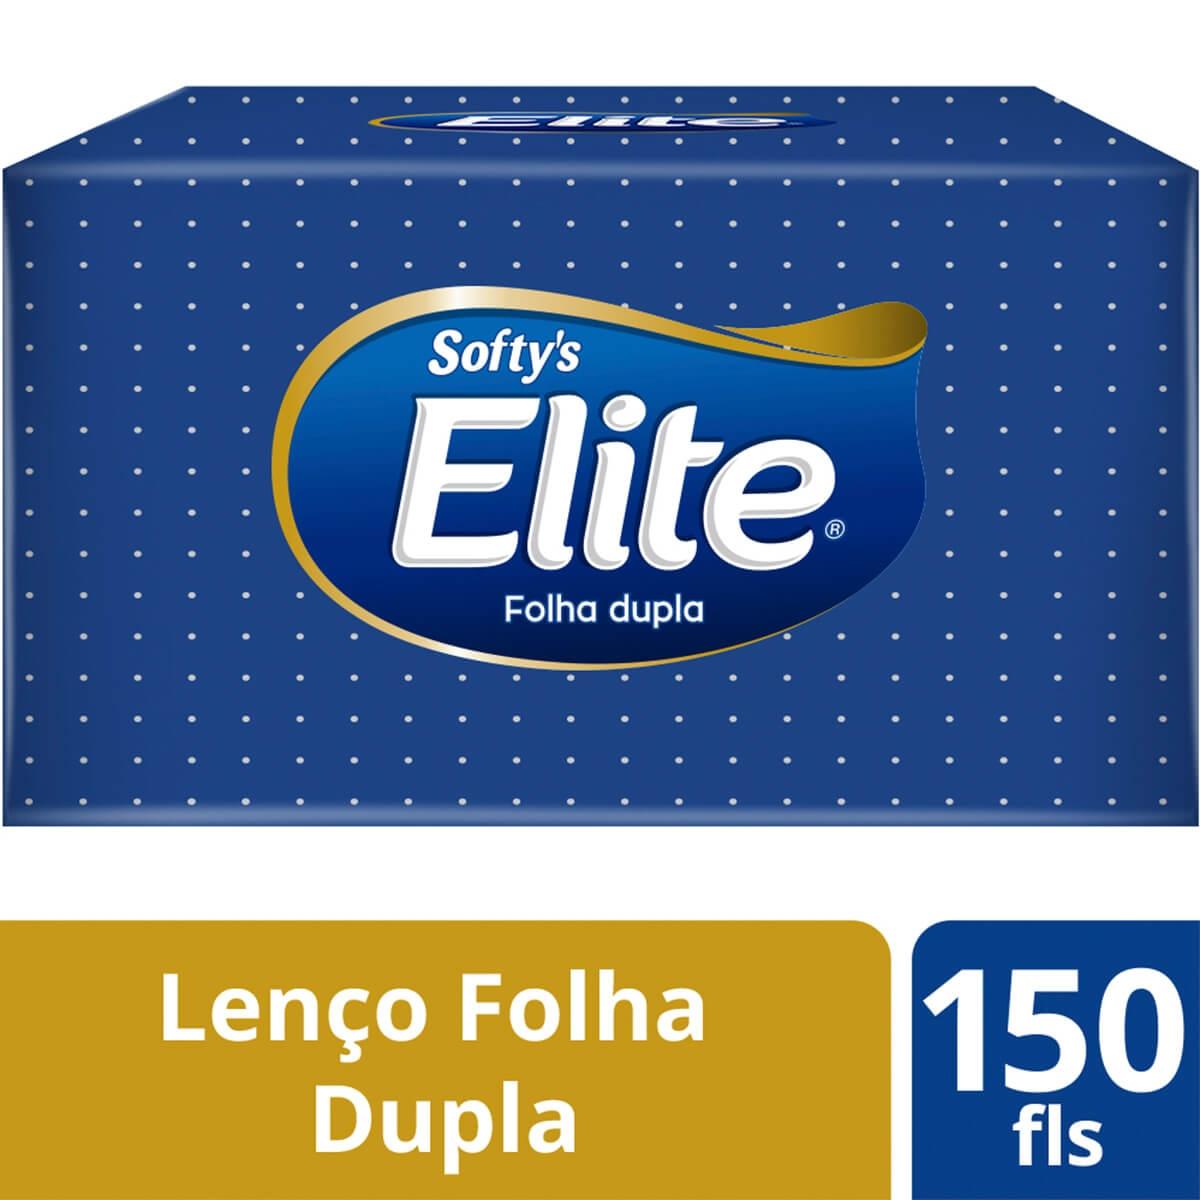 Lenços de Papel Softy's com 150 unidades 150 Folhas